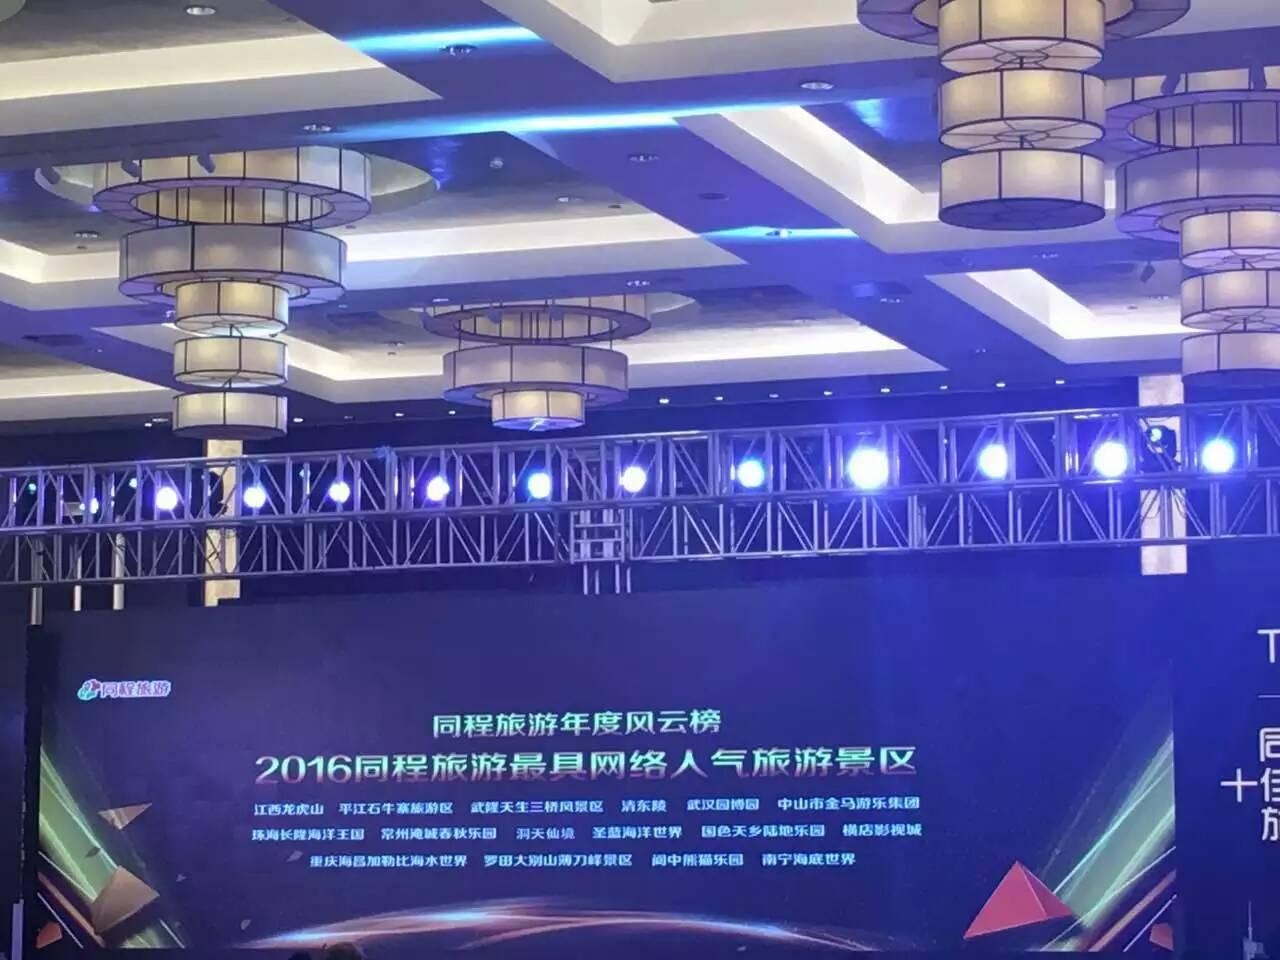 平江玻璃桥景区石牛寨荣获2016年同程最具网络人气景区